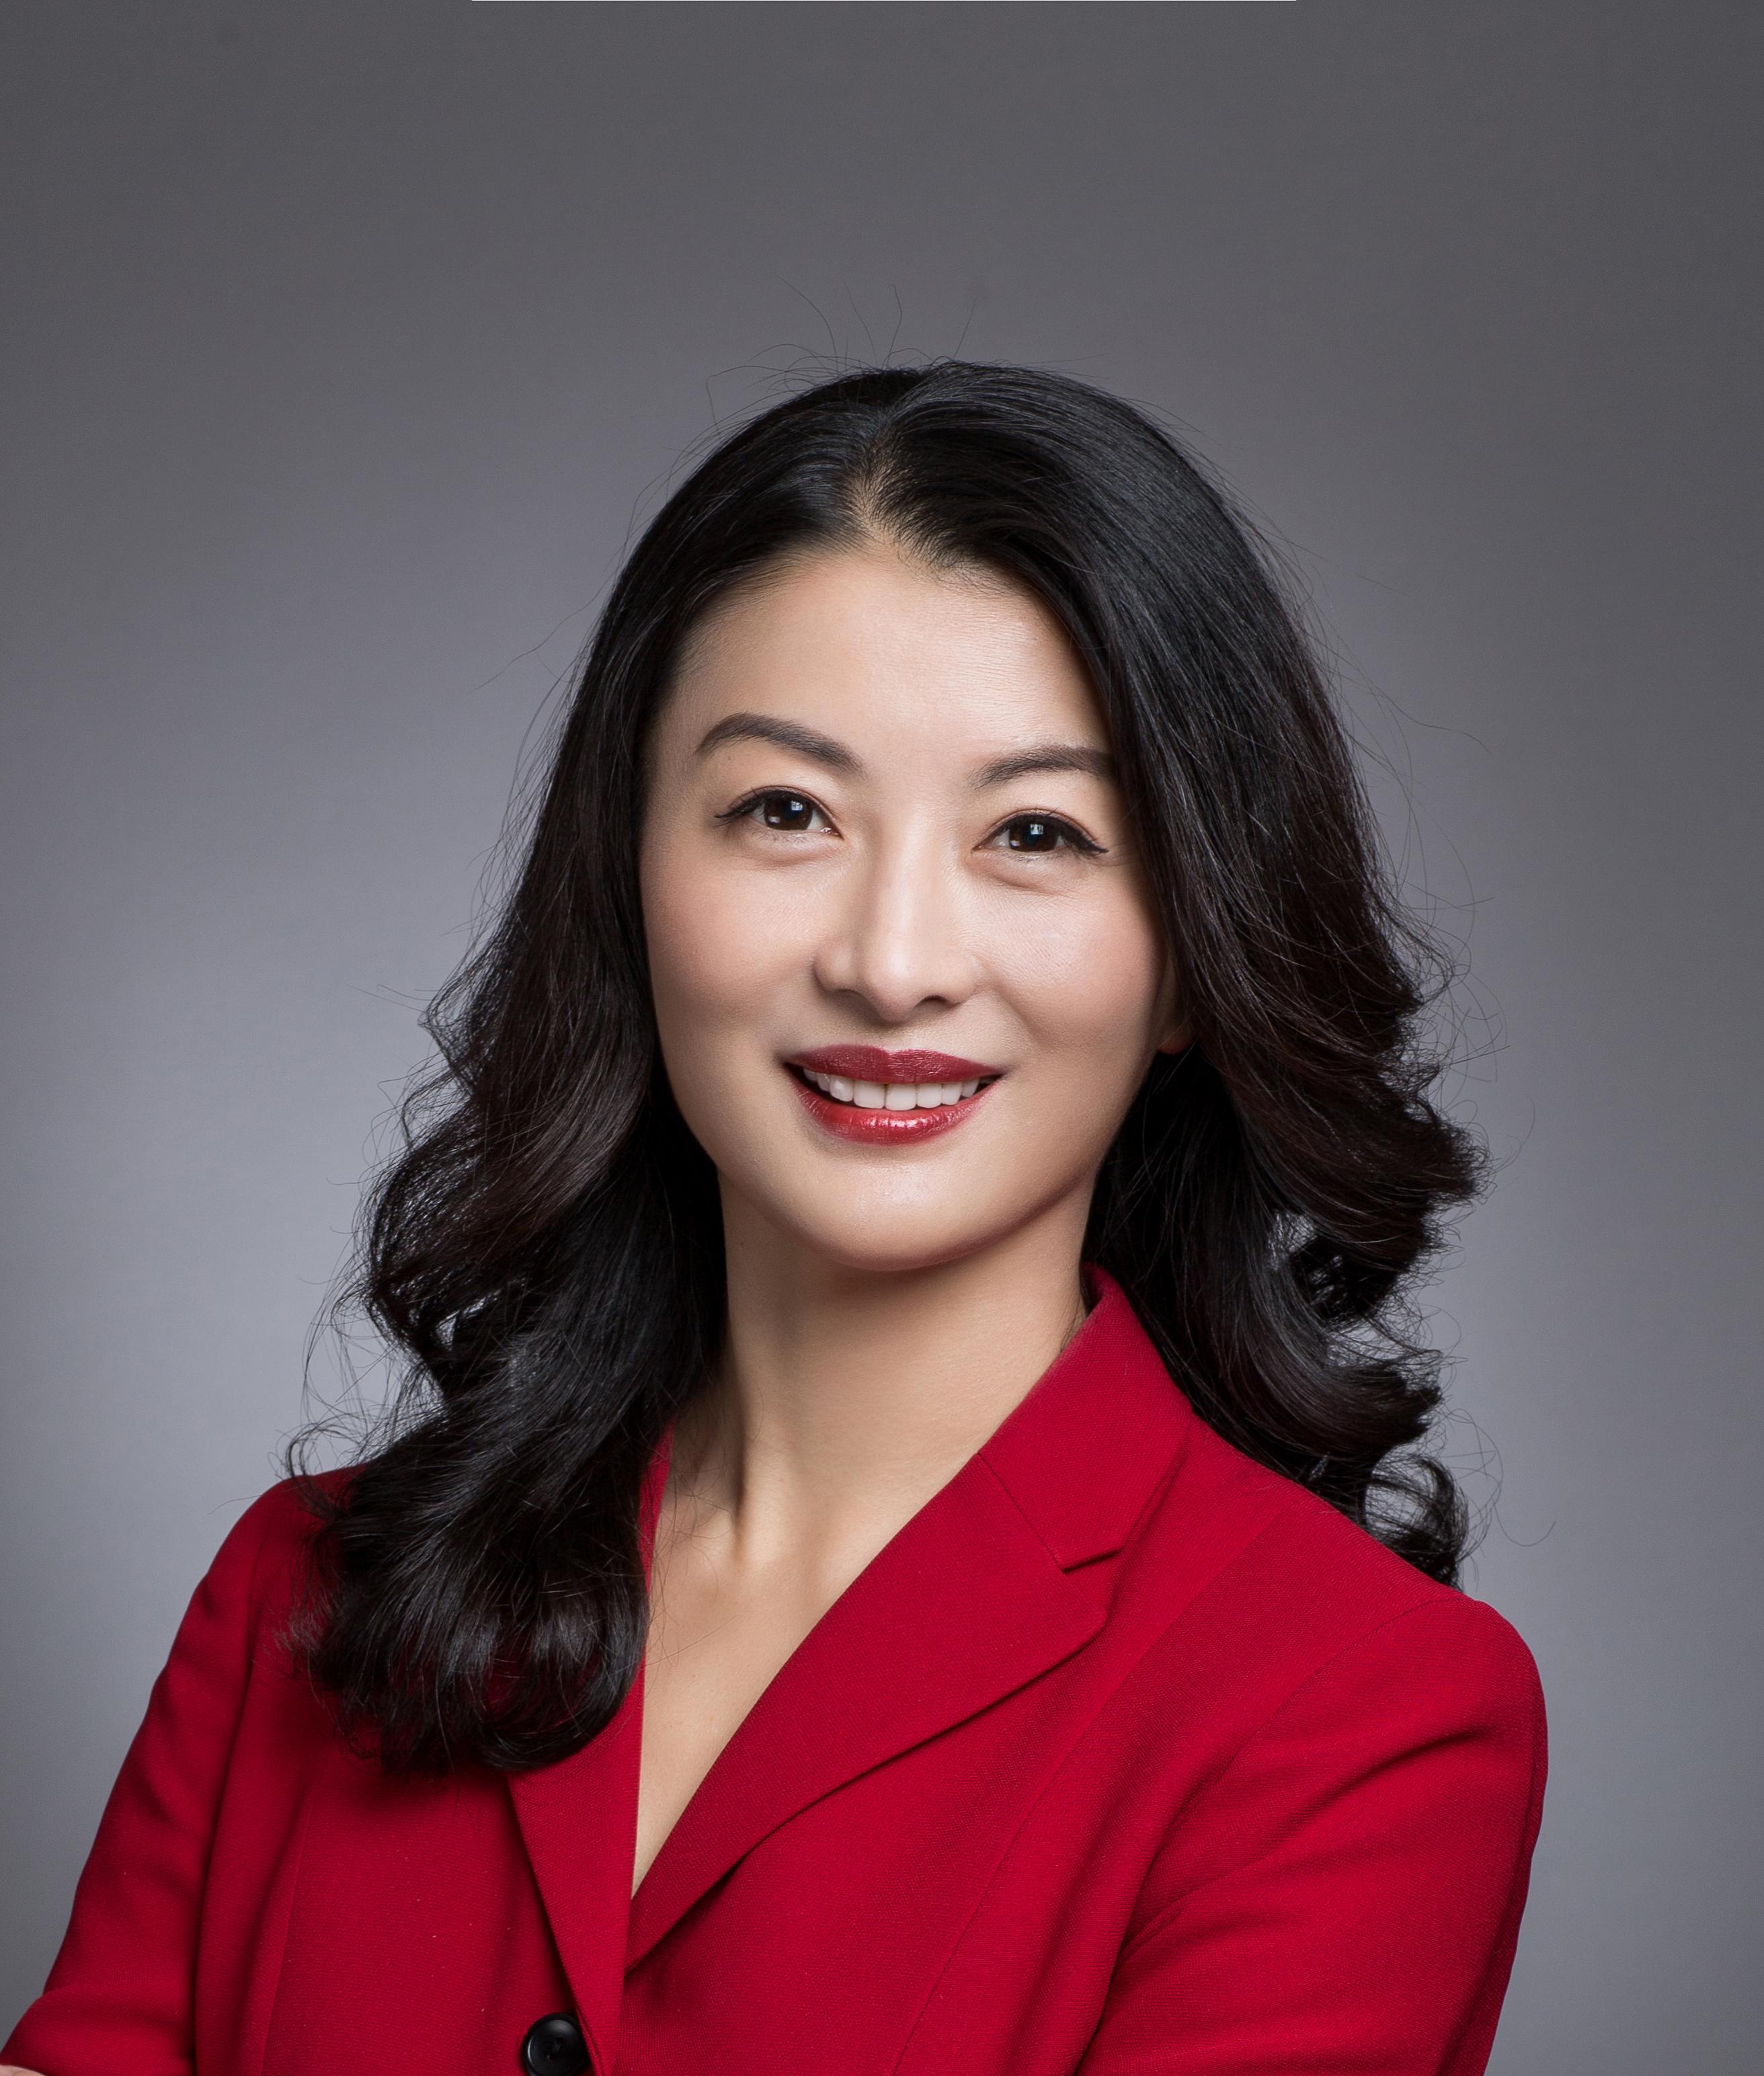 Huawei_Joy Tan_Headshot Official